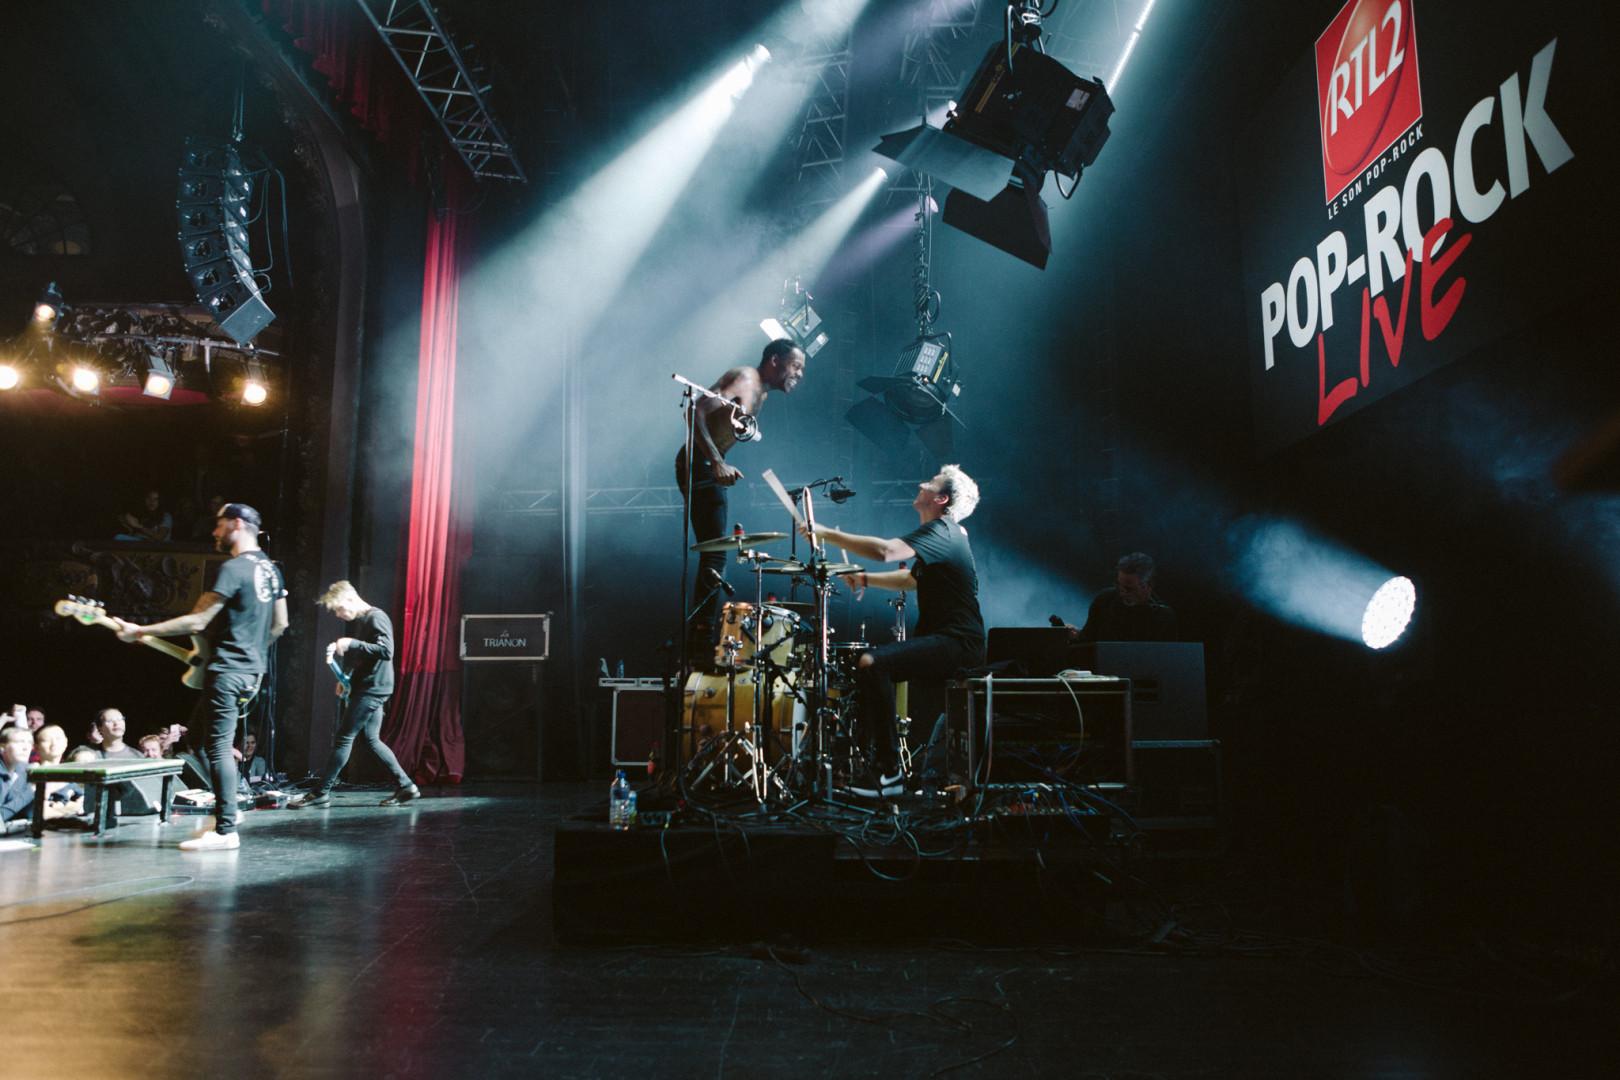 Mat Bastard a assuré le show au RTL2 Pop-rock Live